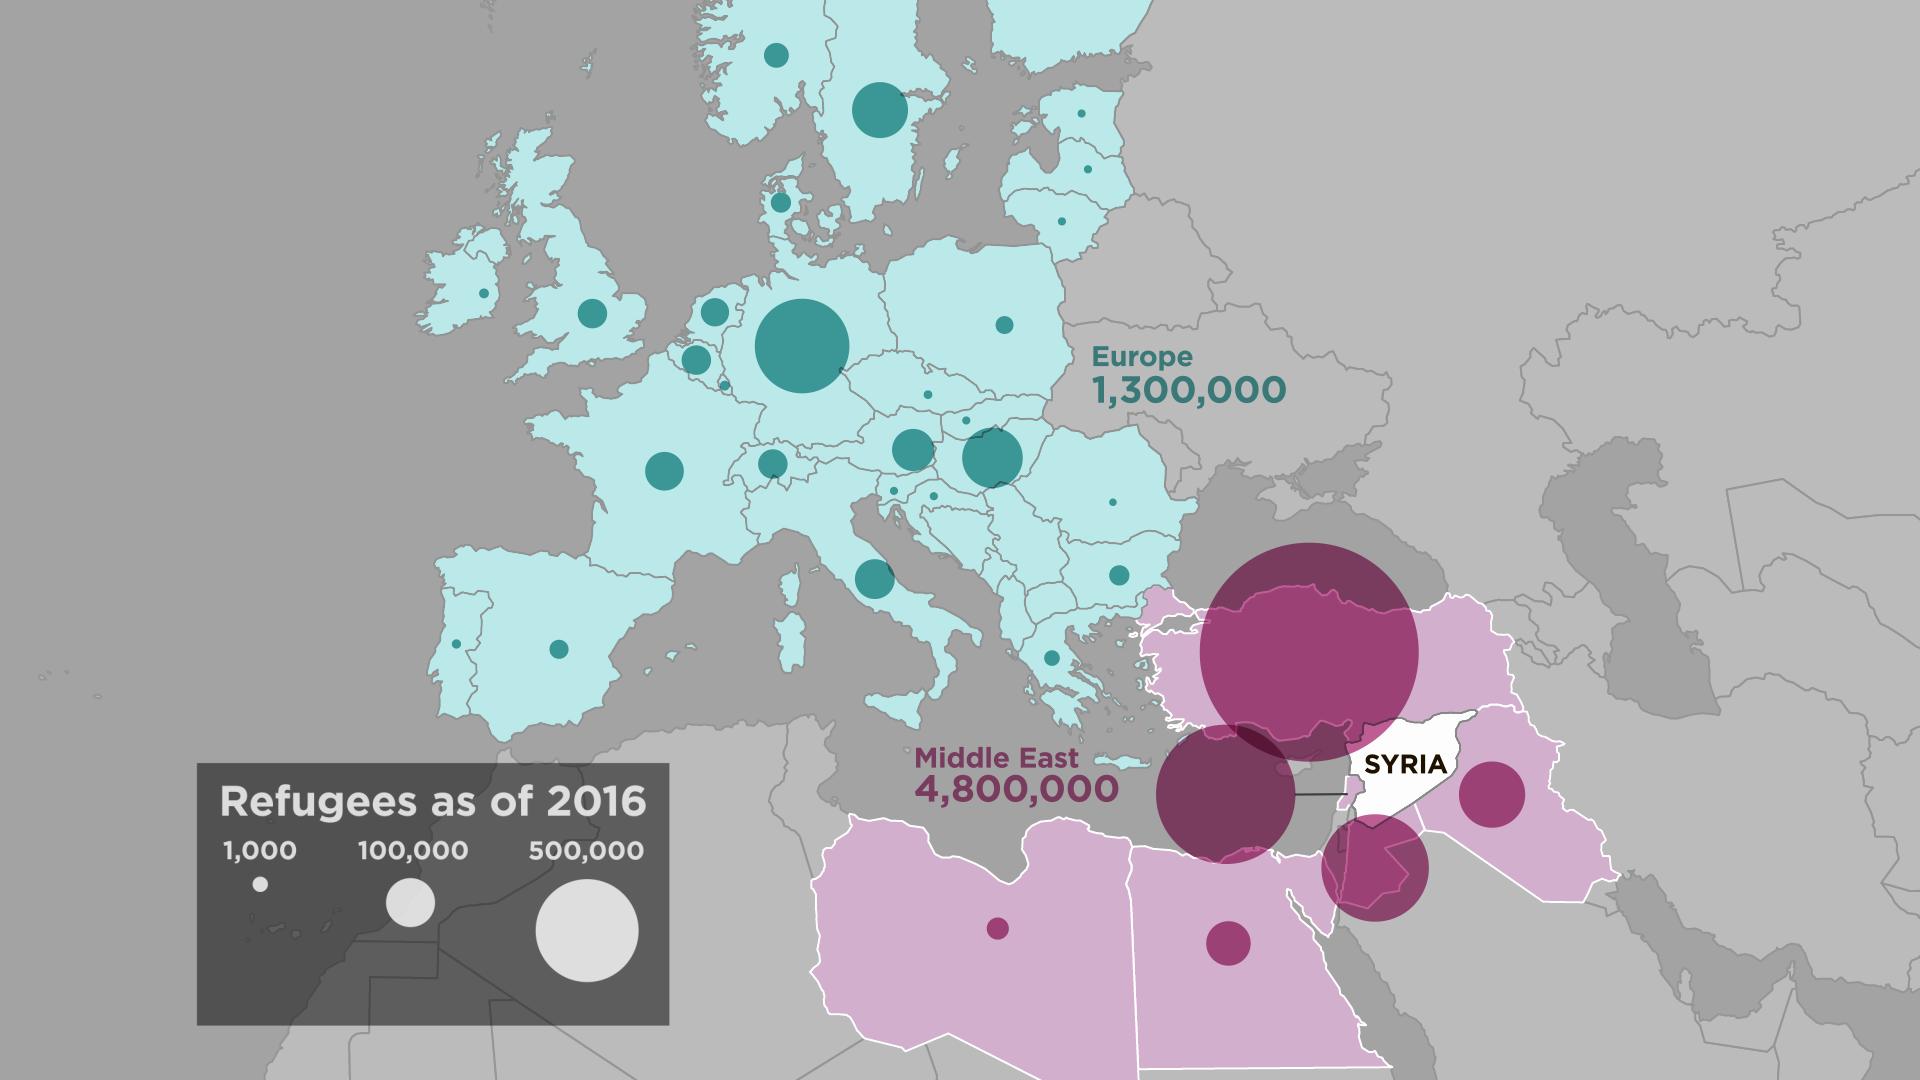 via  UNHCR  Syria Regional Refugee Response April 2016